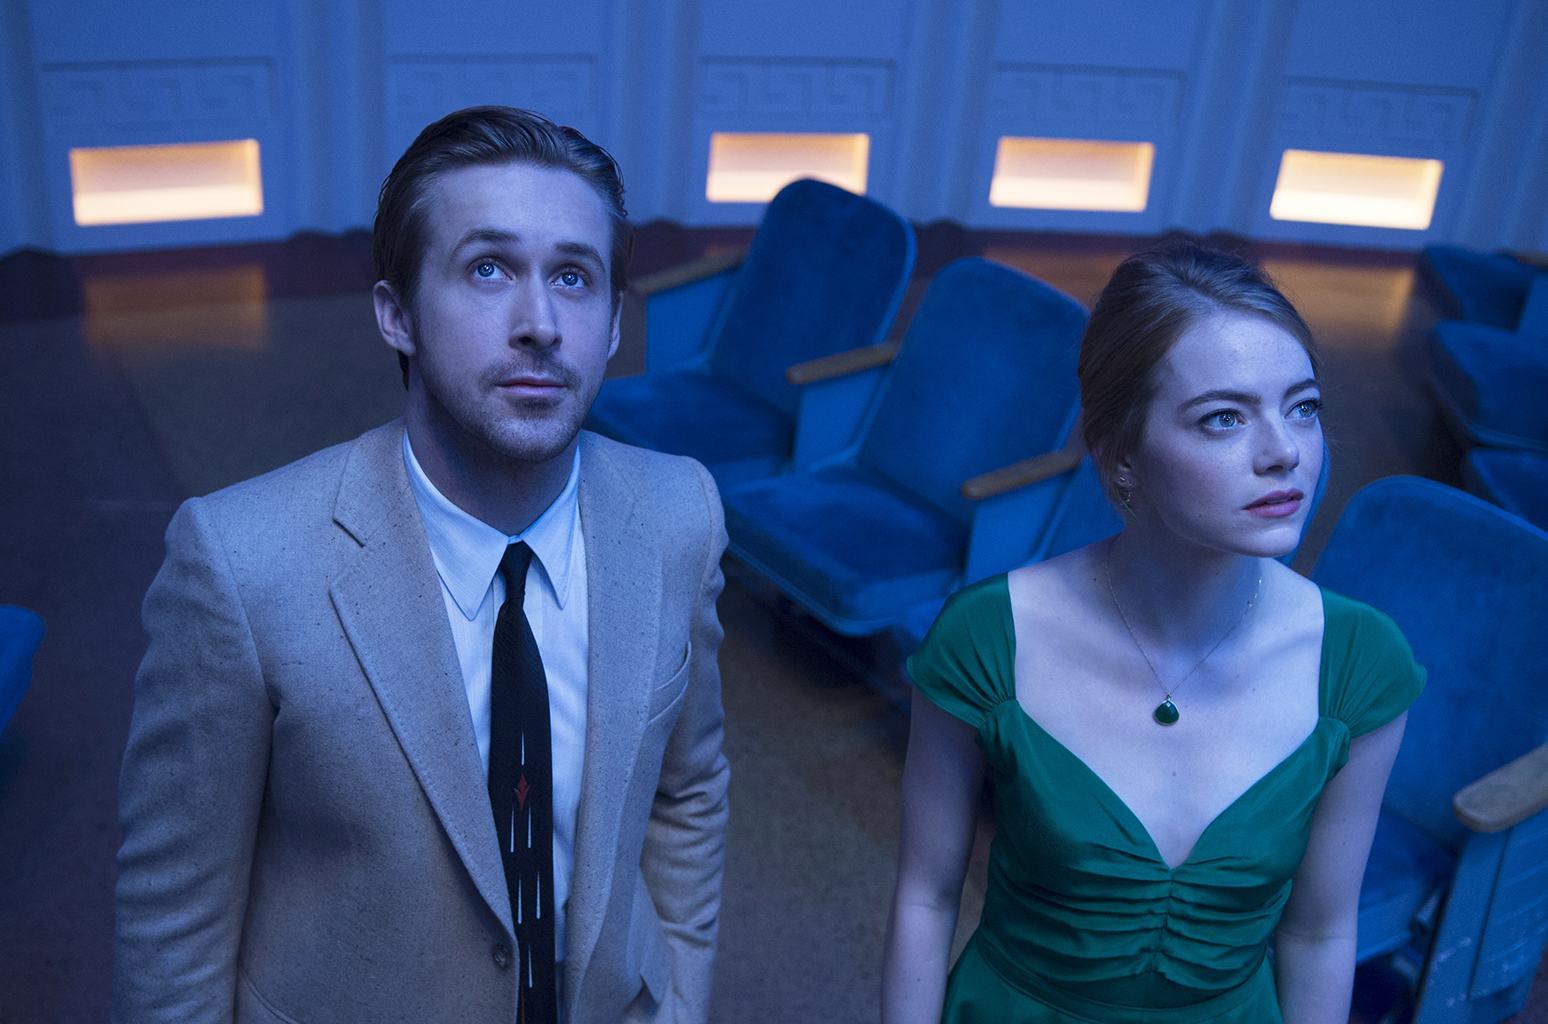 Oscar 2017 | Emma Stone e Ryan Gosling não irão se apresentar na cerimônia